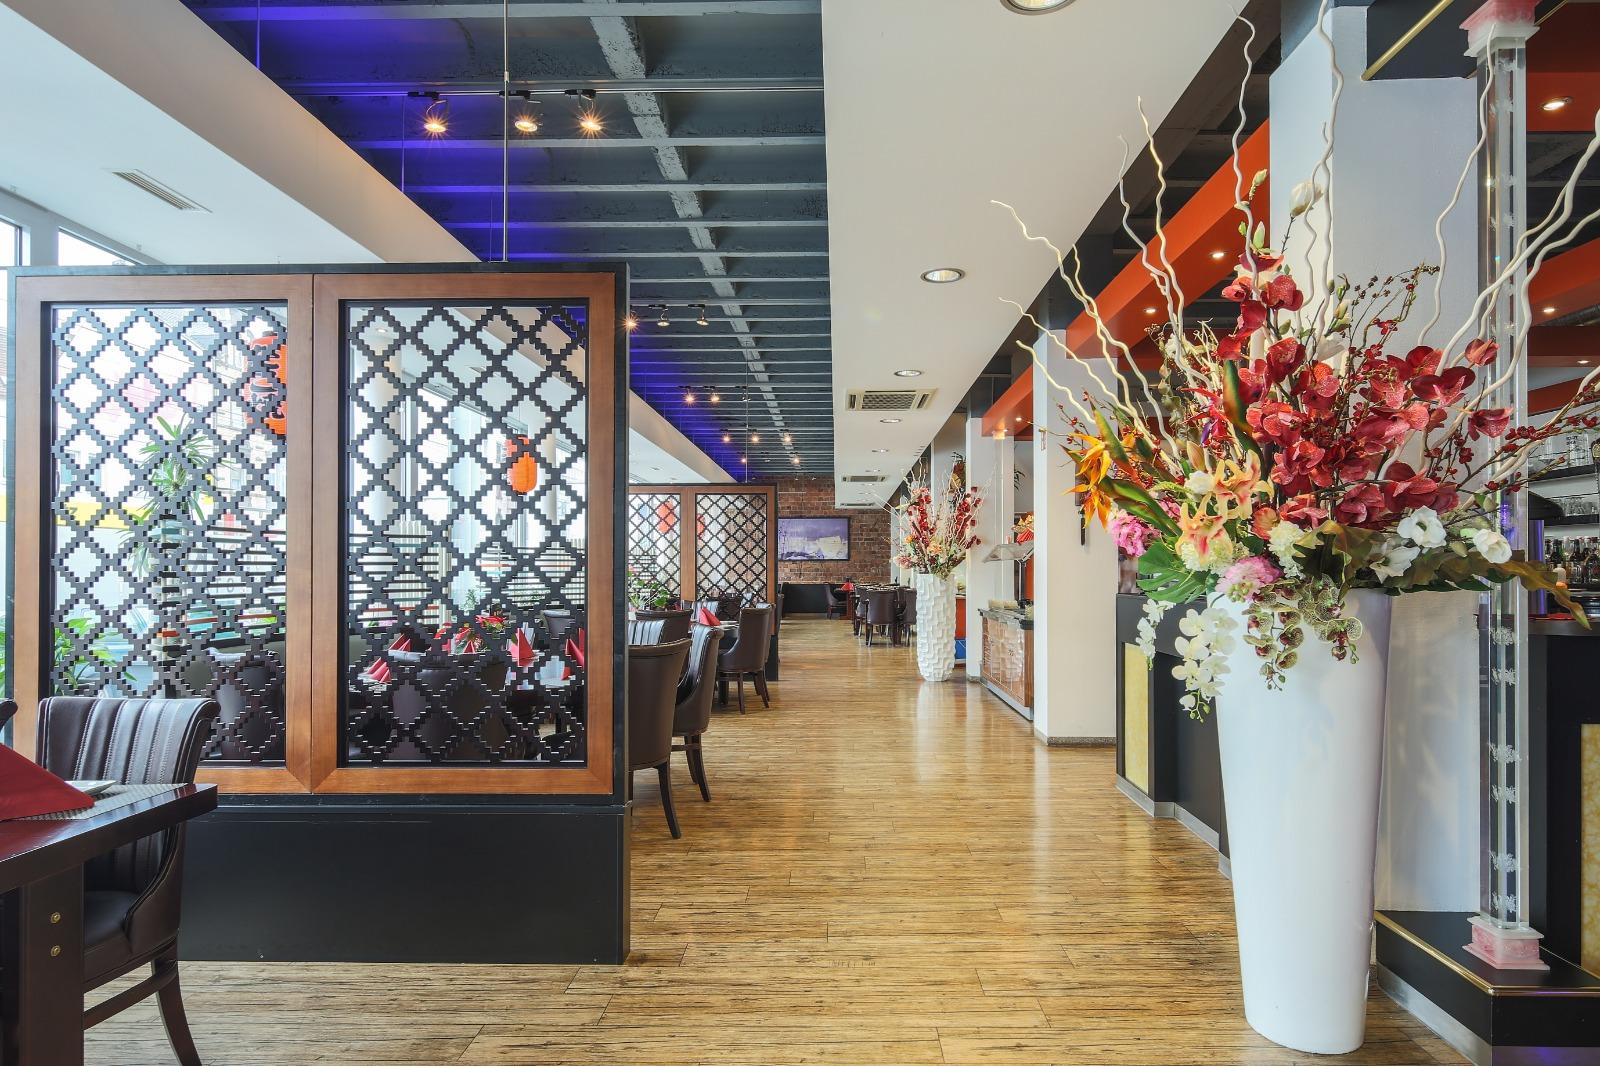 Asia Restaurant Saarbrücken